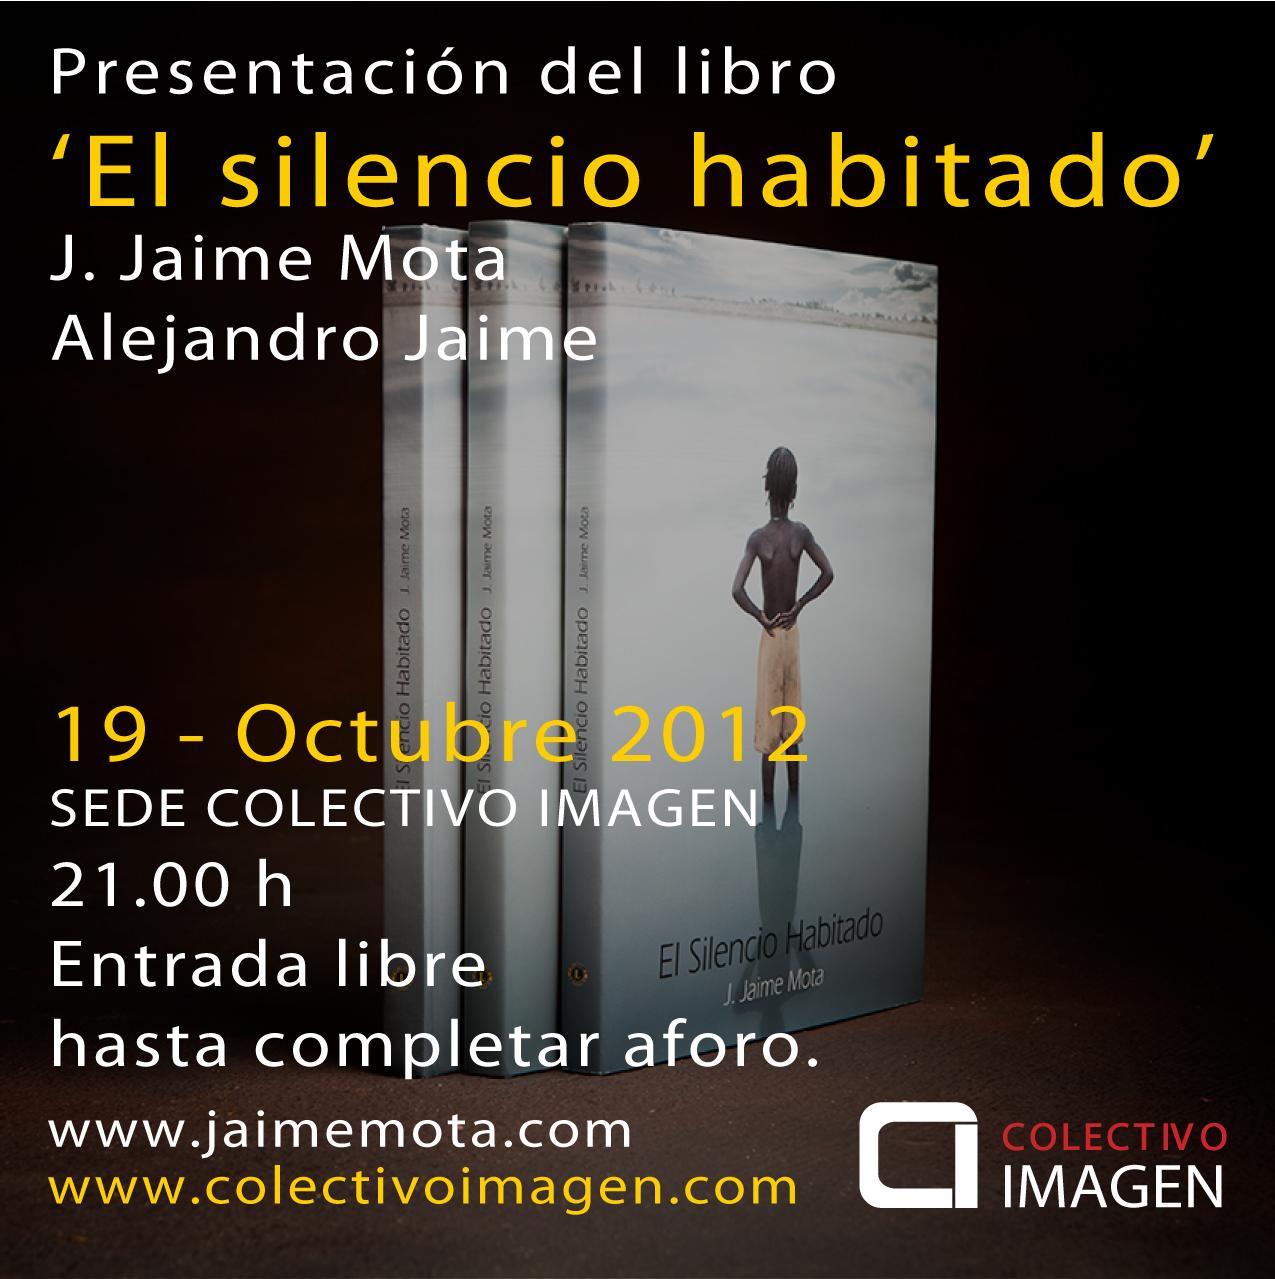 El silencio habitado - J. Jaime Mota - Alejandro Jaime